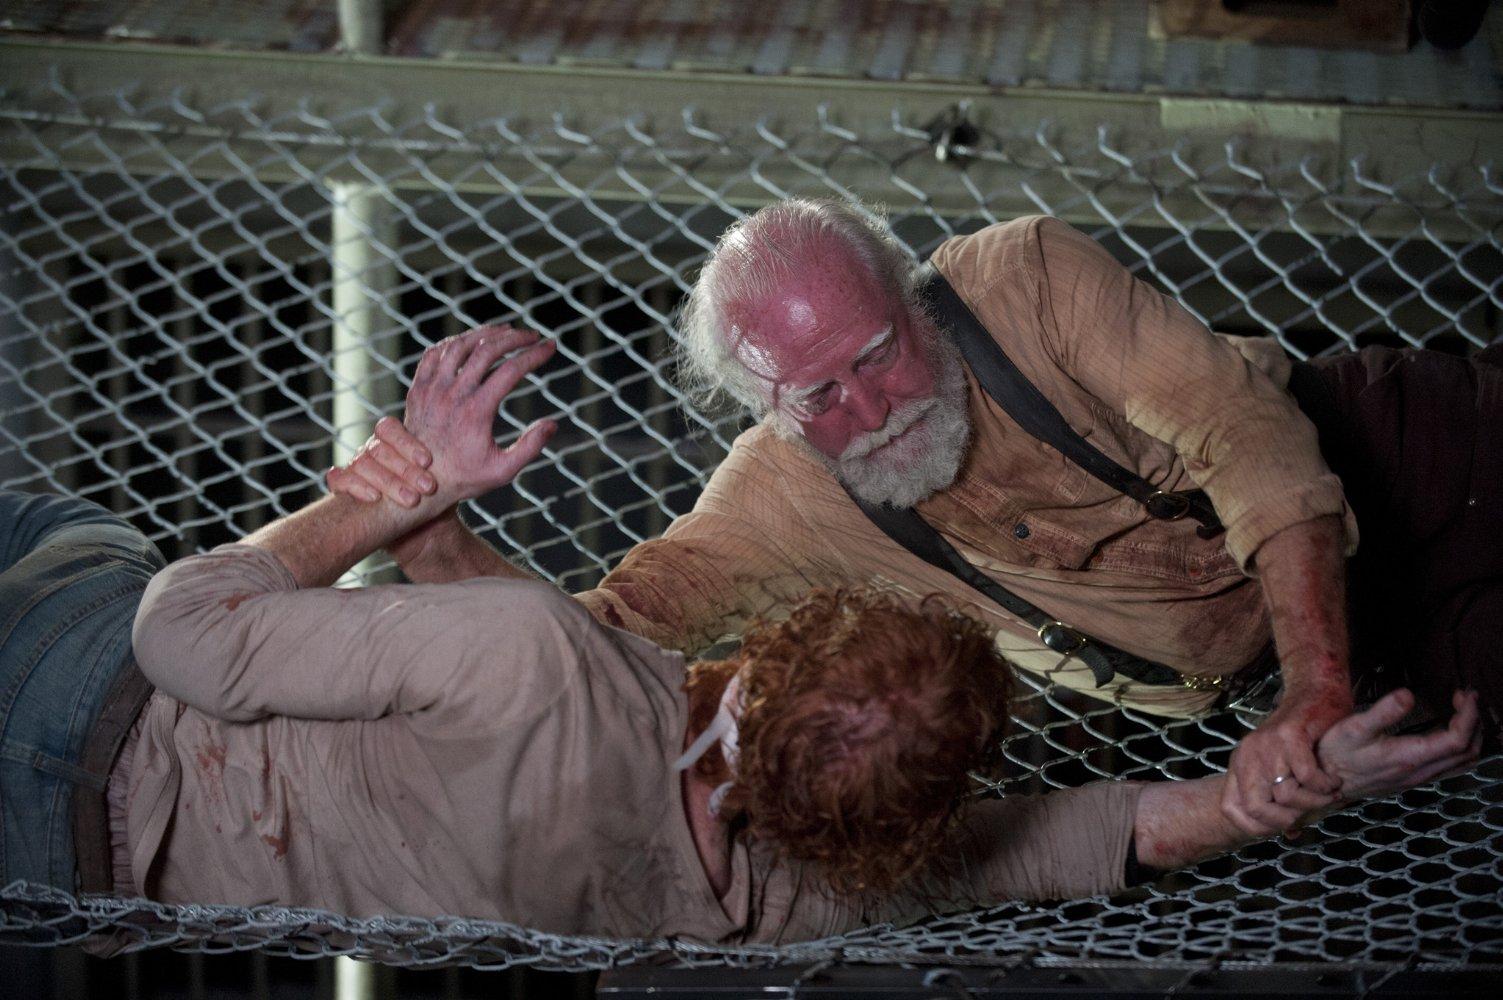 Nonton Film The Walking Dead S04E05: Internment (2013)